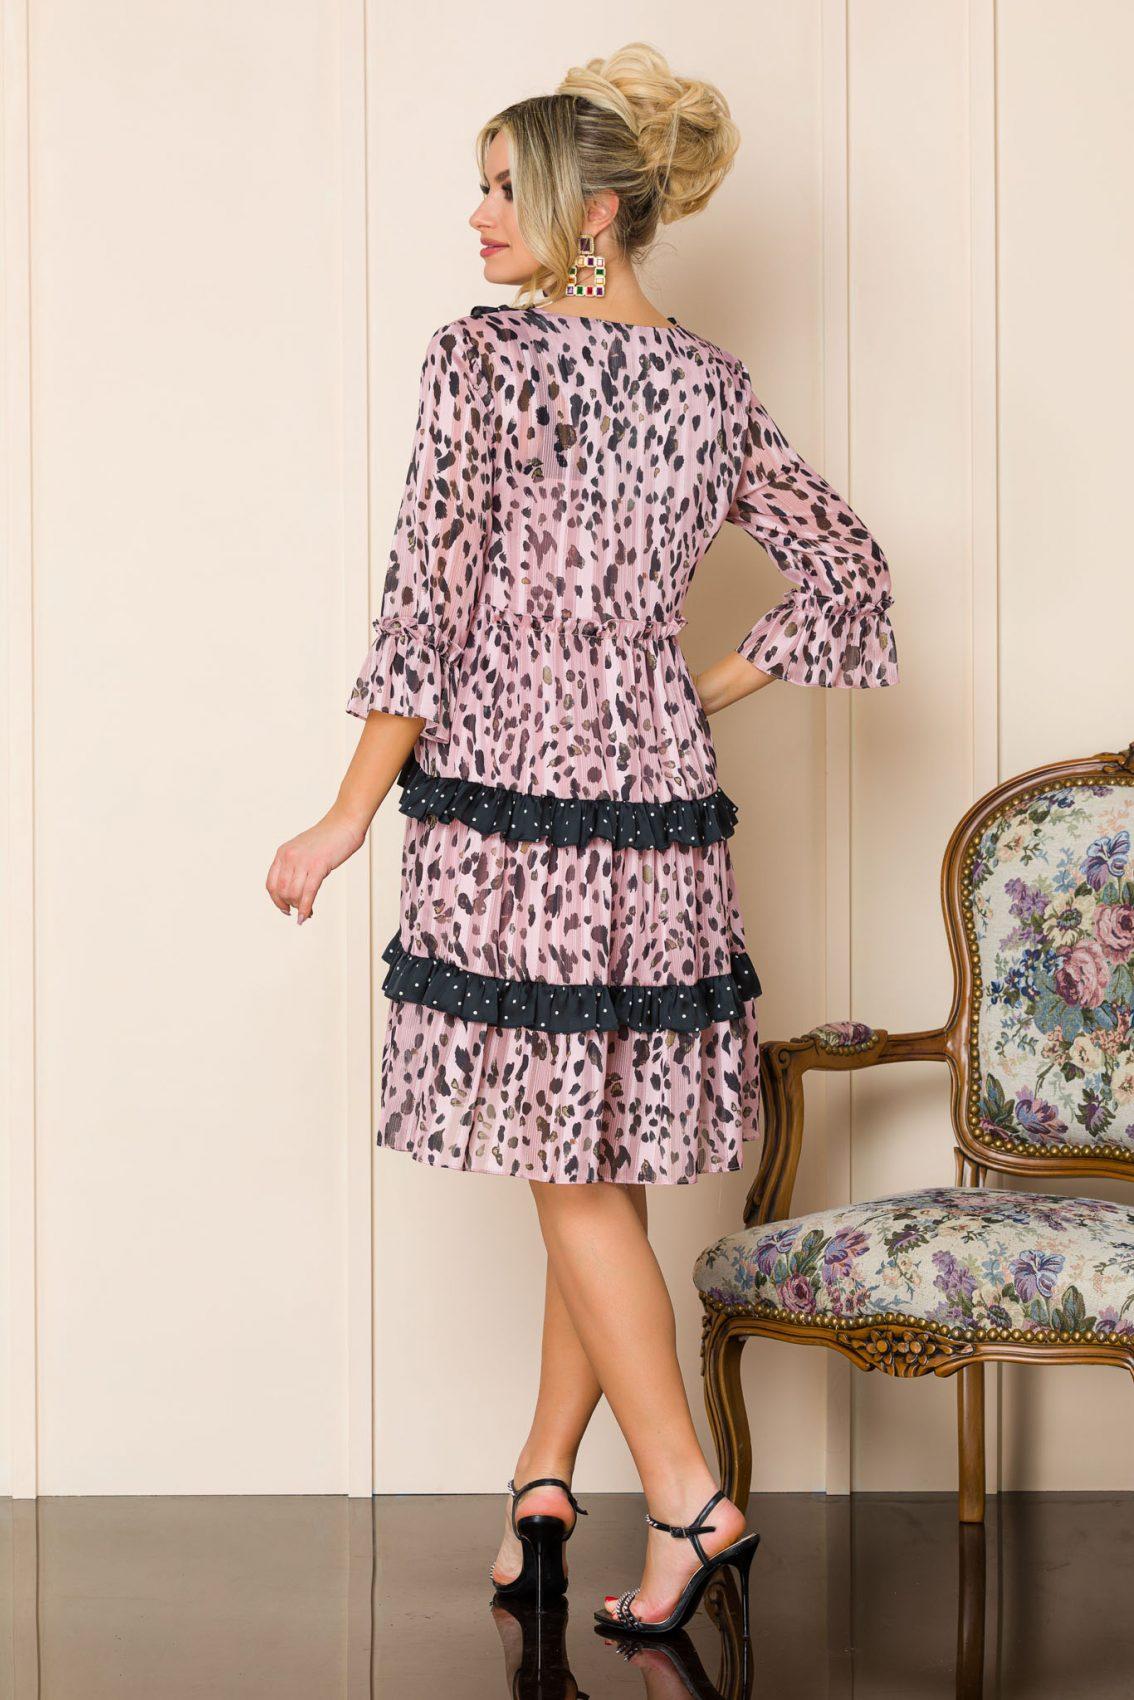 Ροζ Λεοπάρ Φόρεμα Με Βολάν Anka 9876 2